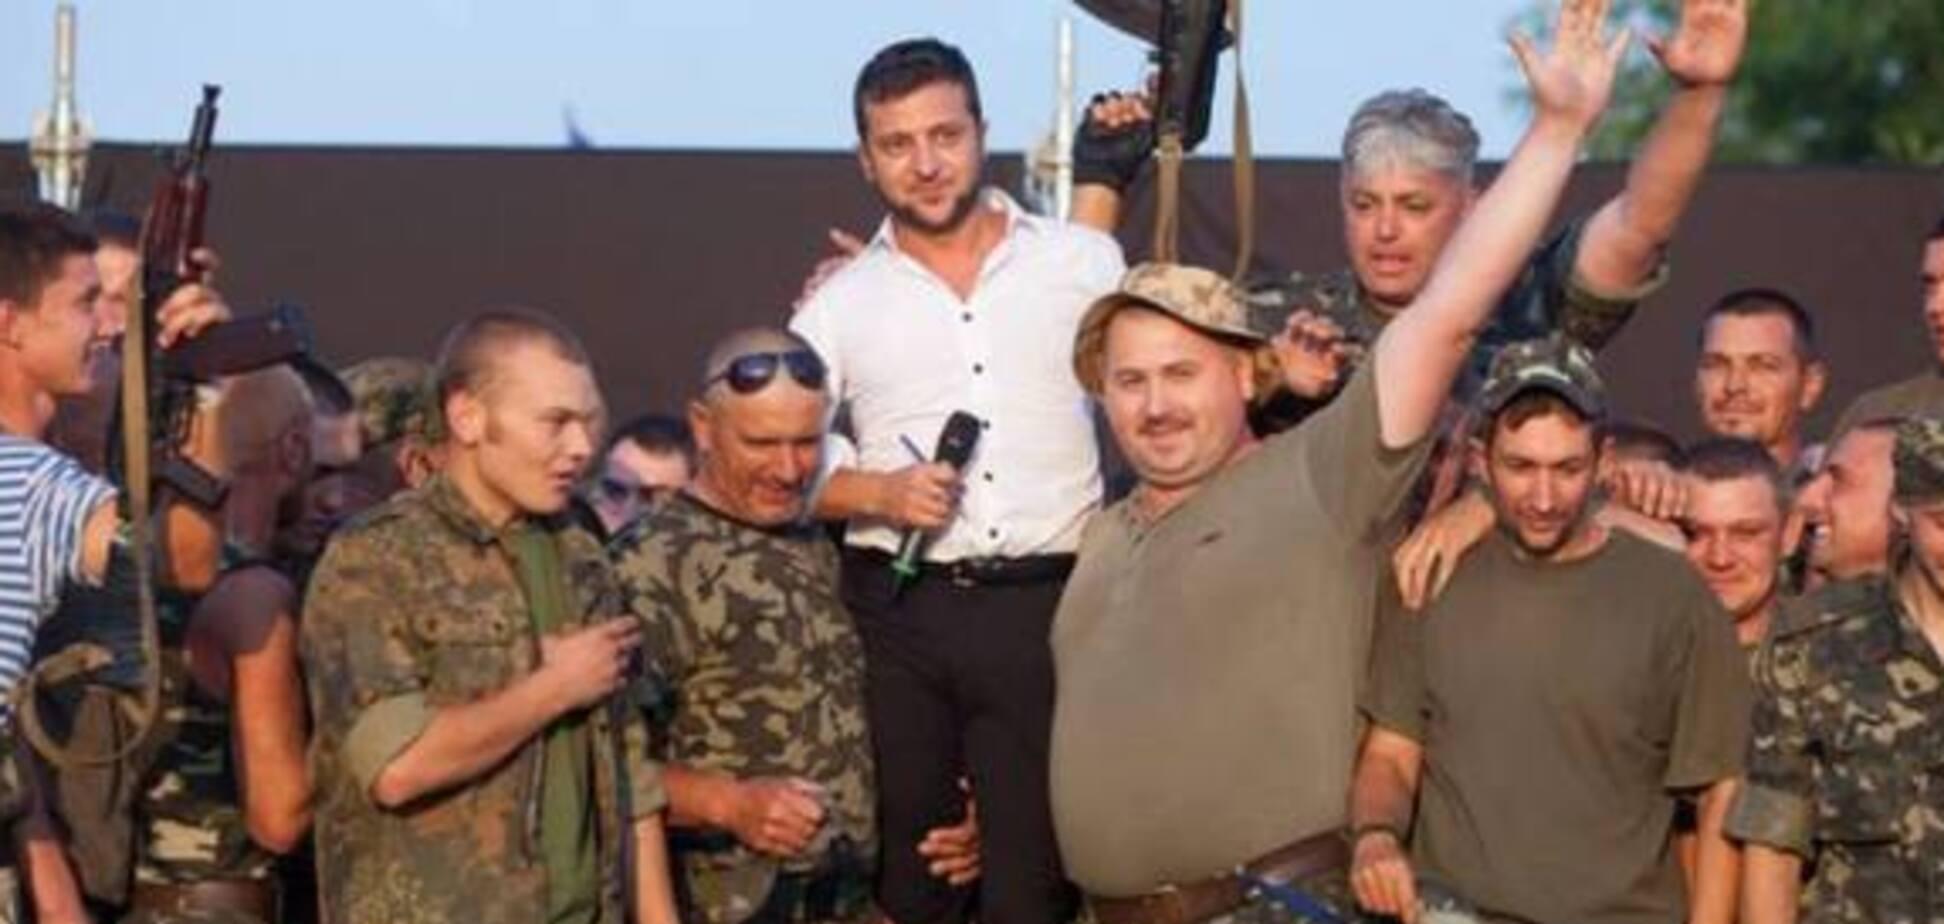 Зеленский кланялся воинам АТО и называл терористов 'Л/ДНР' мразью